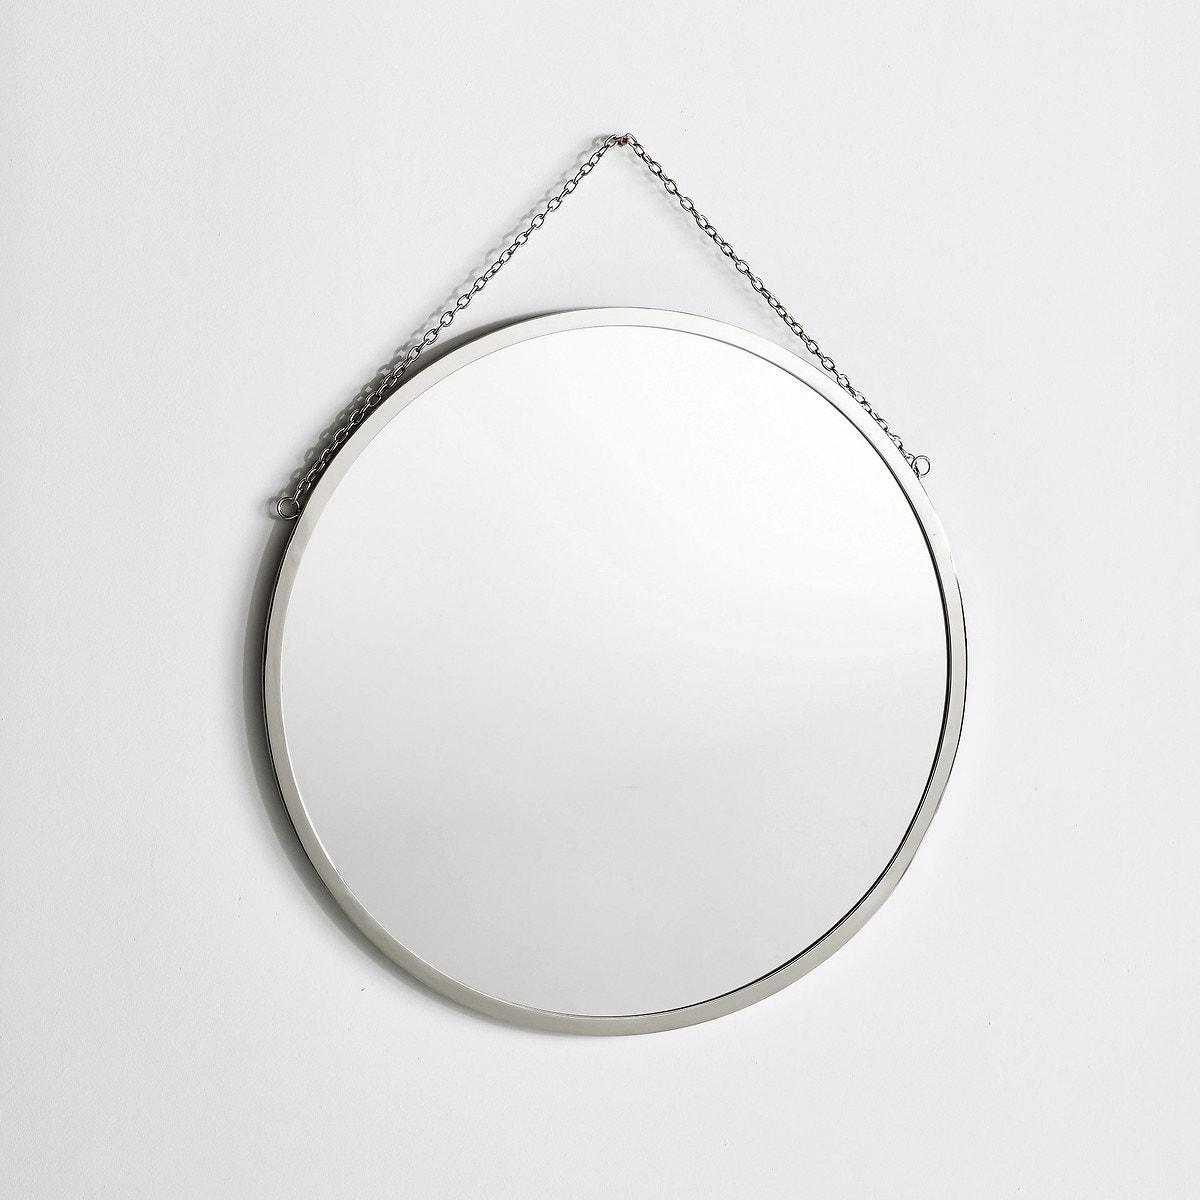 Στρογγυλός καθρέφτης Barbier, διάμετρος 60 εκ.